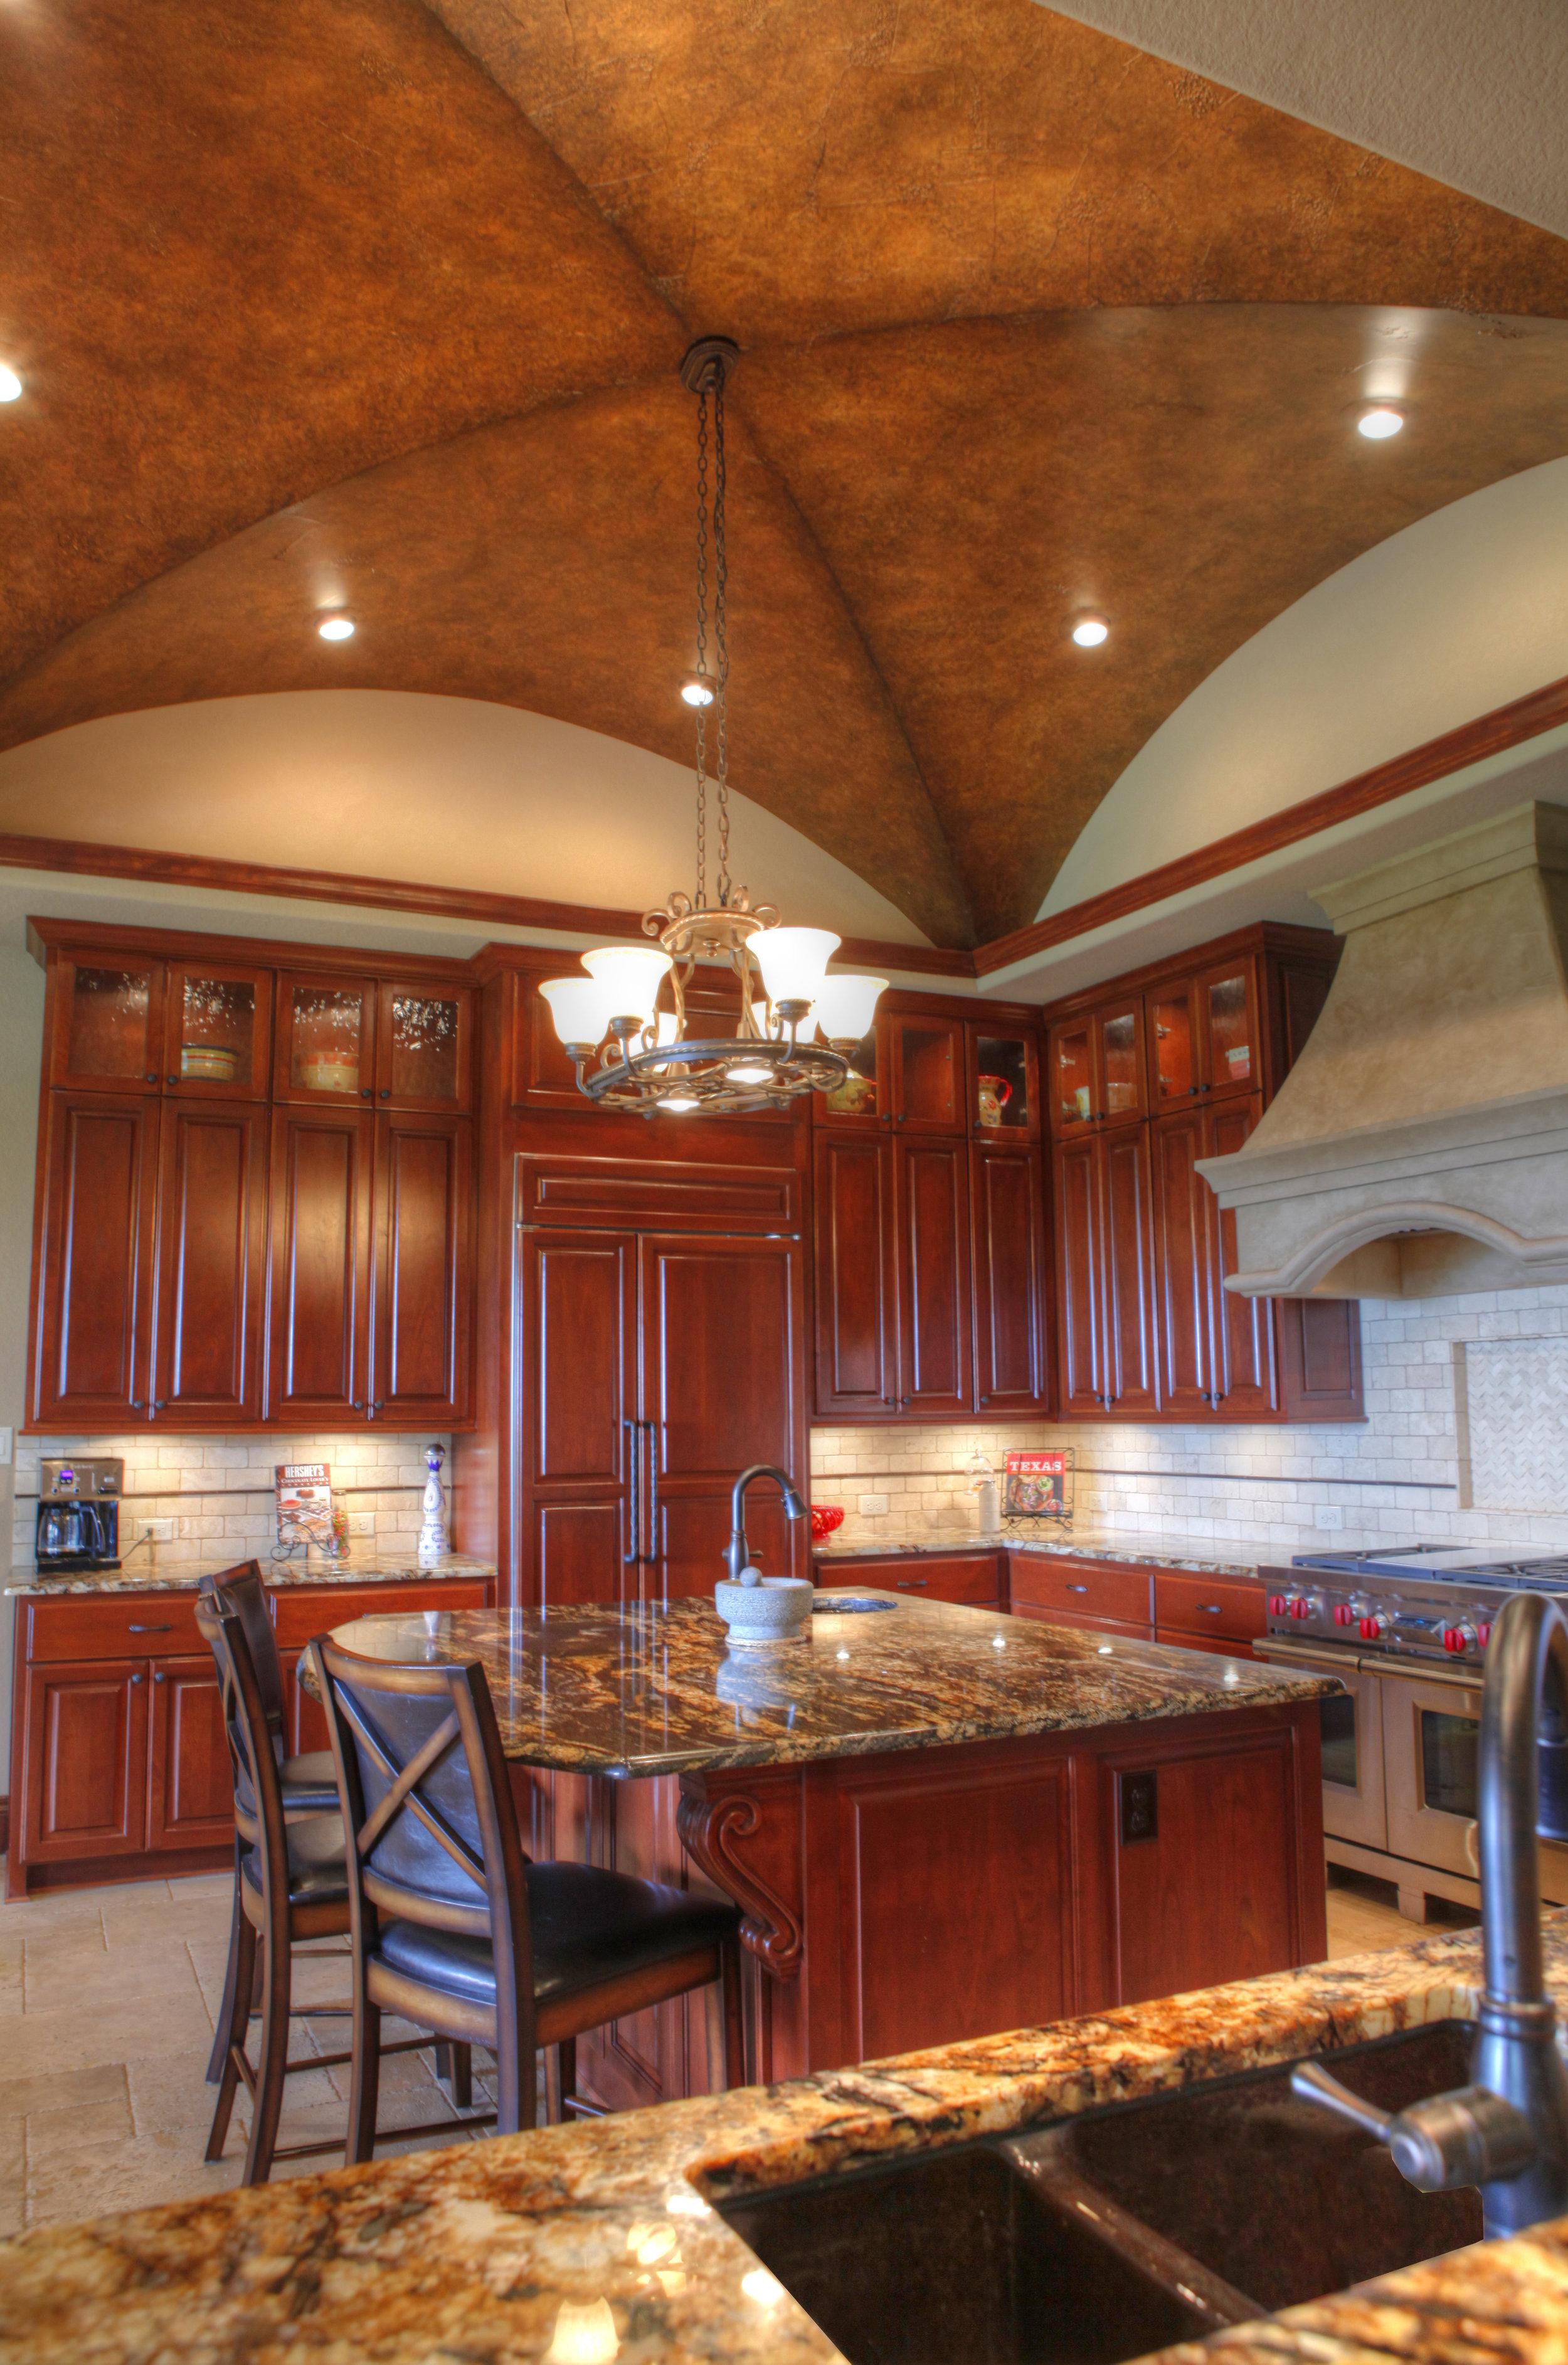 18-kitchen 3.jpg